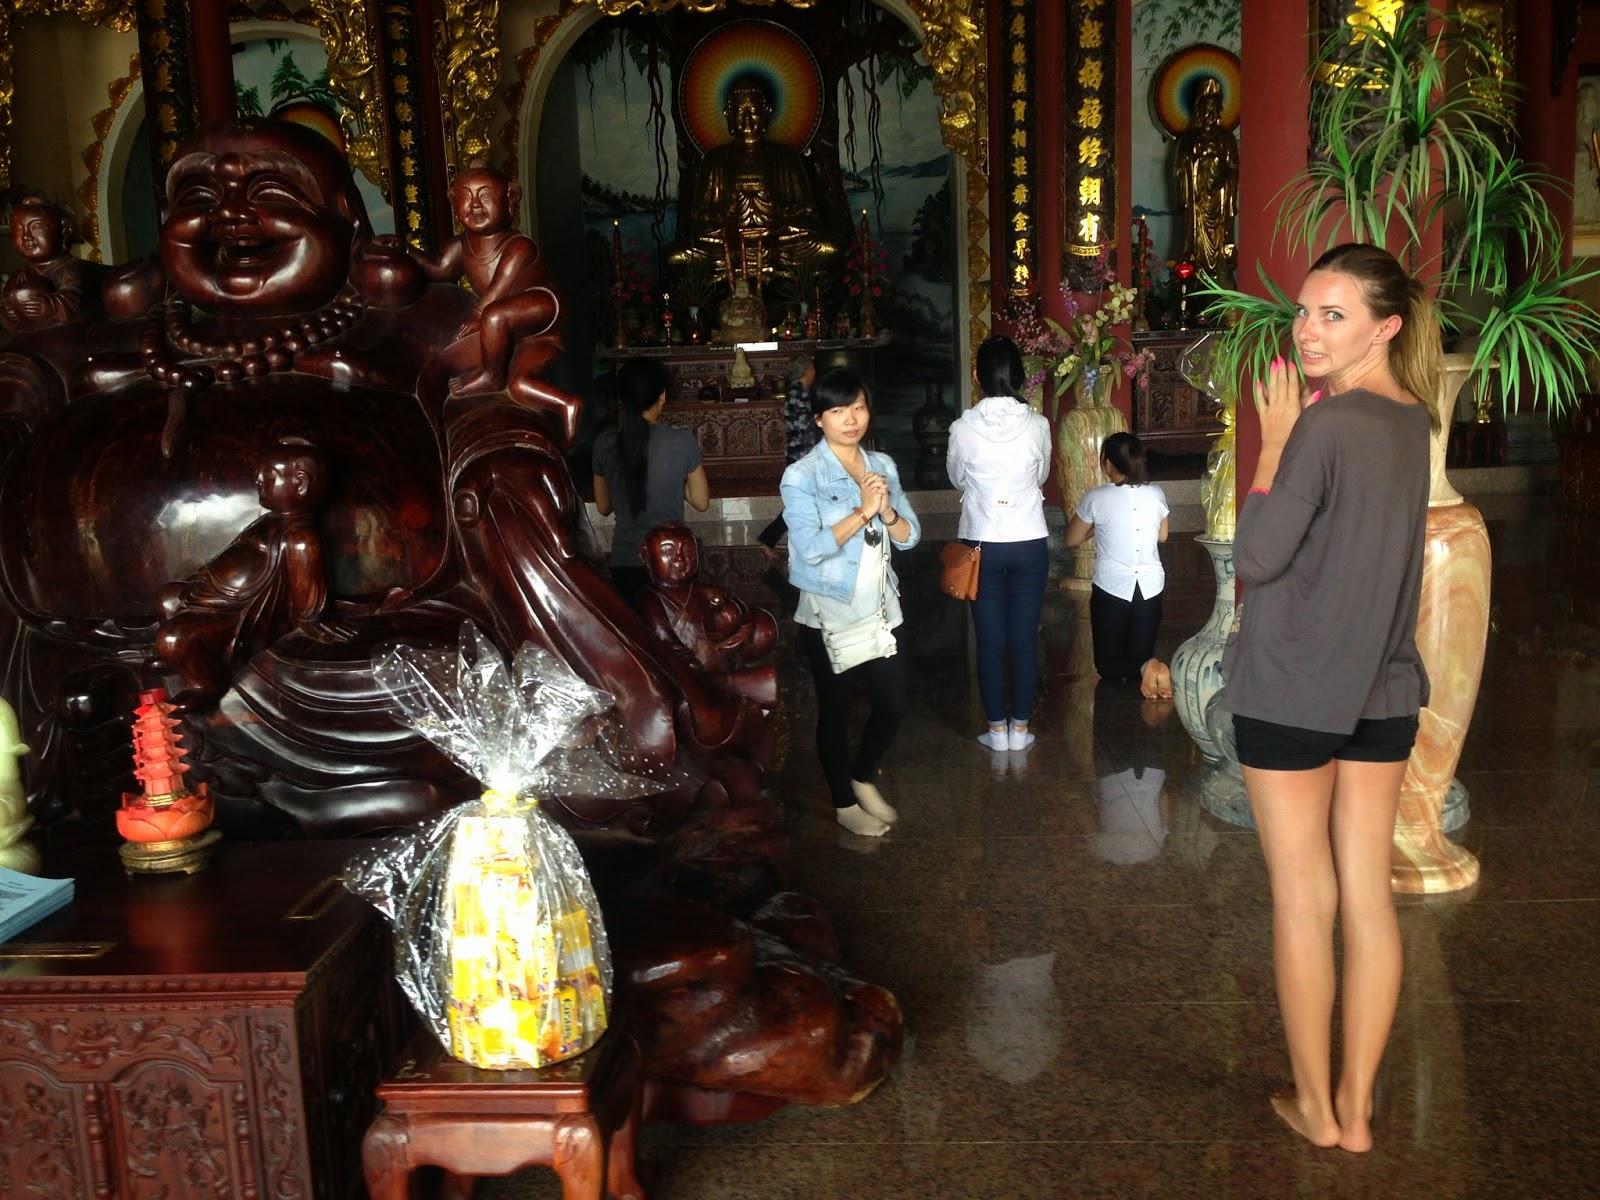 Vietnam, dovolená Vietnam, dovolená střední vietnam, dovolená bez cestovky, lady buddha, lady buddha da nang vientam, dovolená bez cestovky asie, dovolená bez cestovky vietnam, víza do vietnamu, kde zařídit víza do vietnamu, kristýna vacková, vacková kristýna, fashion house, fashion house blog, da nang, vietnam na vlastní pěst, letenky do vietnamu, nejlevnější letenky do vietnamu, blog o cestování, cestovní blog, vietnam víza, vietnam visa, visa vietnam, cestovatelský blog, psi ve vietnamu, jedí psi ve vietnamu, češi ve vietnamu, surf vietnam, pláž ve vietnamu, pláž danang, pláž da nang, danang, da nang, china beacch, surfování, bazén, hotelový bazén, hotel da nang, hotel ve vietnamu, hotel v da nang